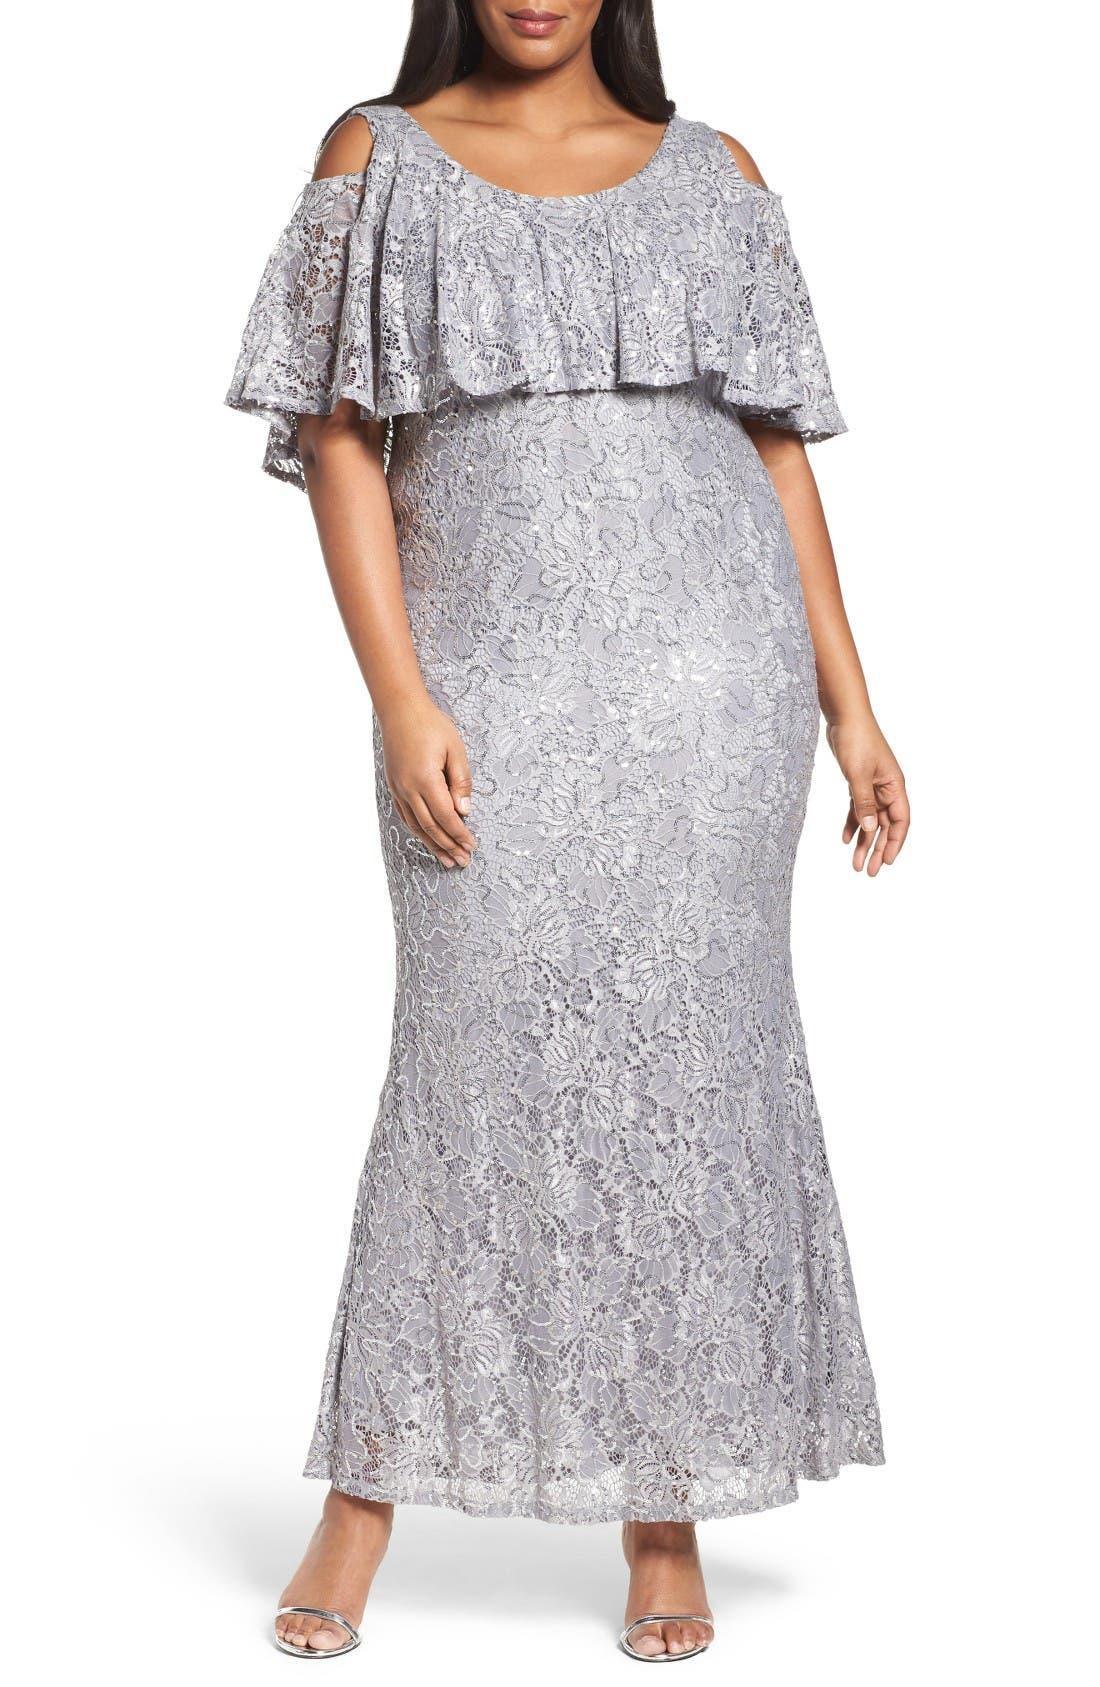 Sequin Lace Cold Shoulder Long Dress,                             Main thumbnail 1, color,                             Grey